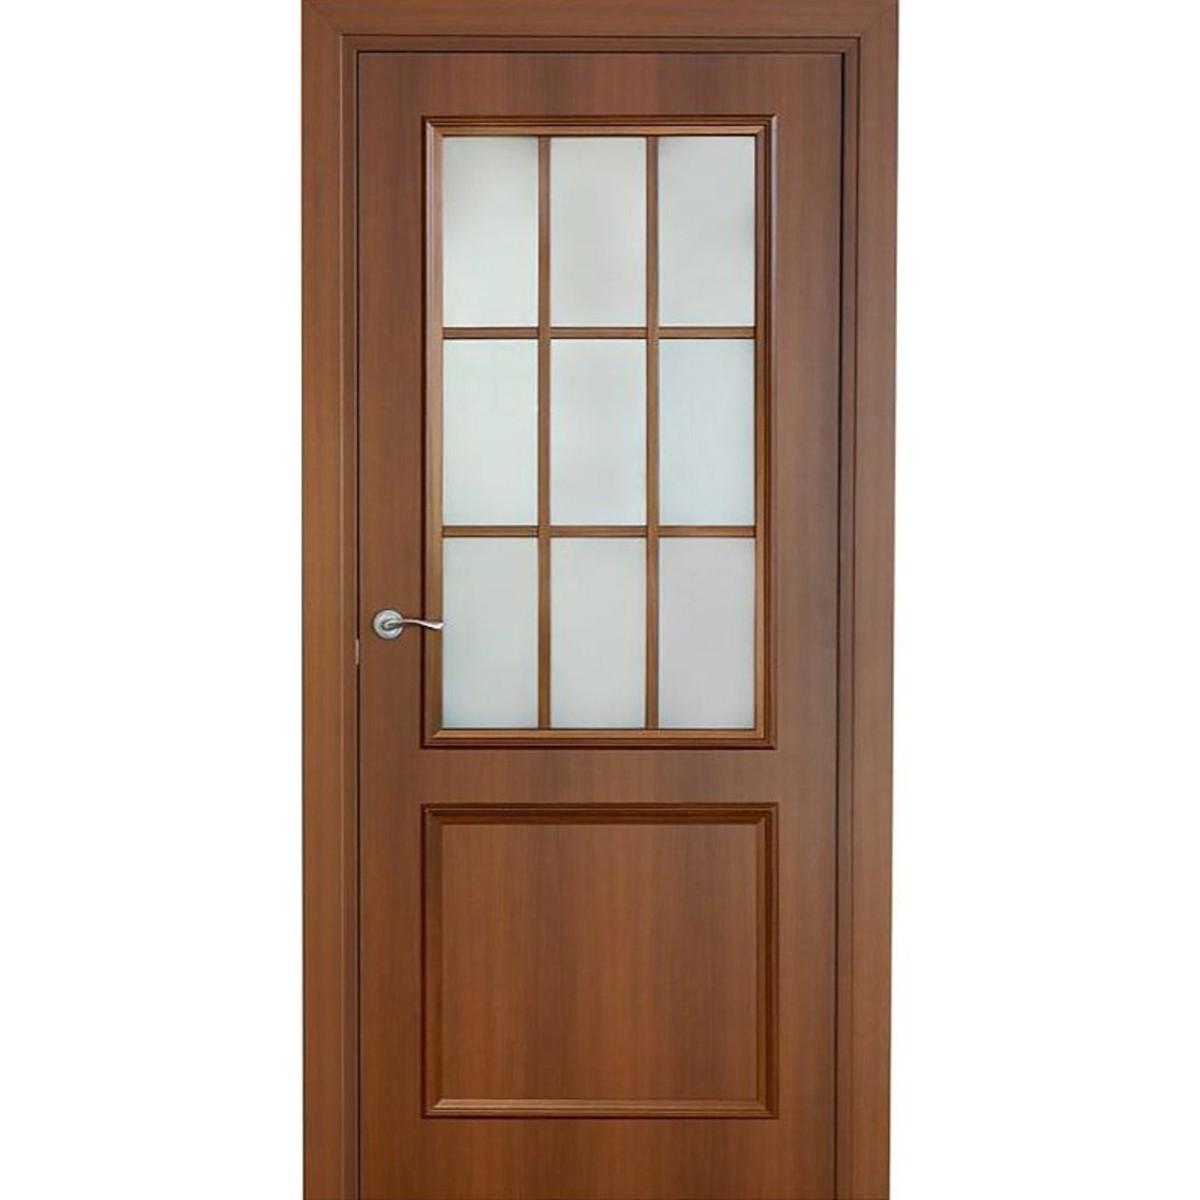 Дверь межкомнатная остеклённая Altro 60x200 см ламинация цвет орех